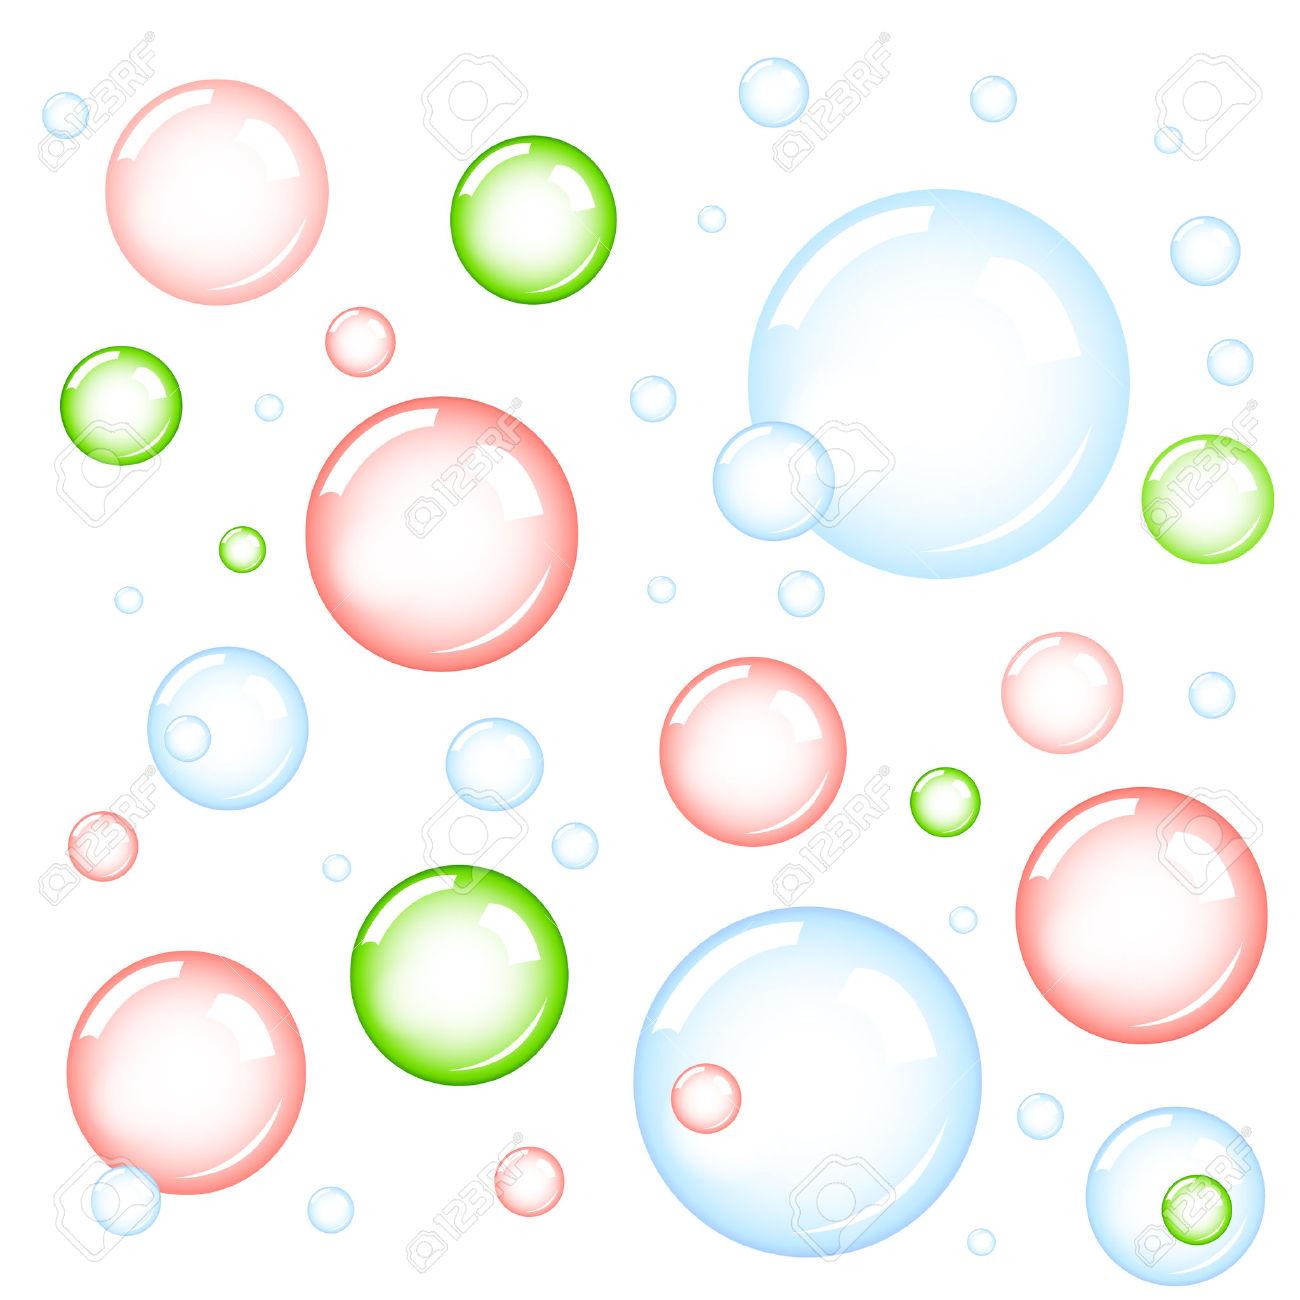 1300x1300 Bubble Clipart Pattern 3105901